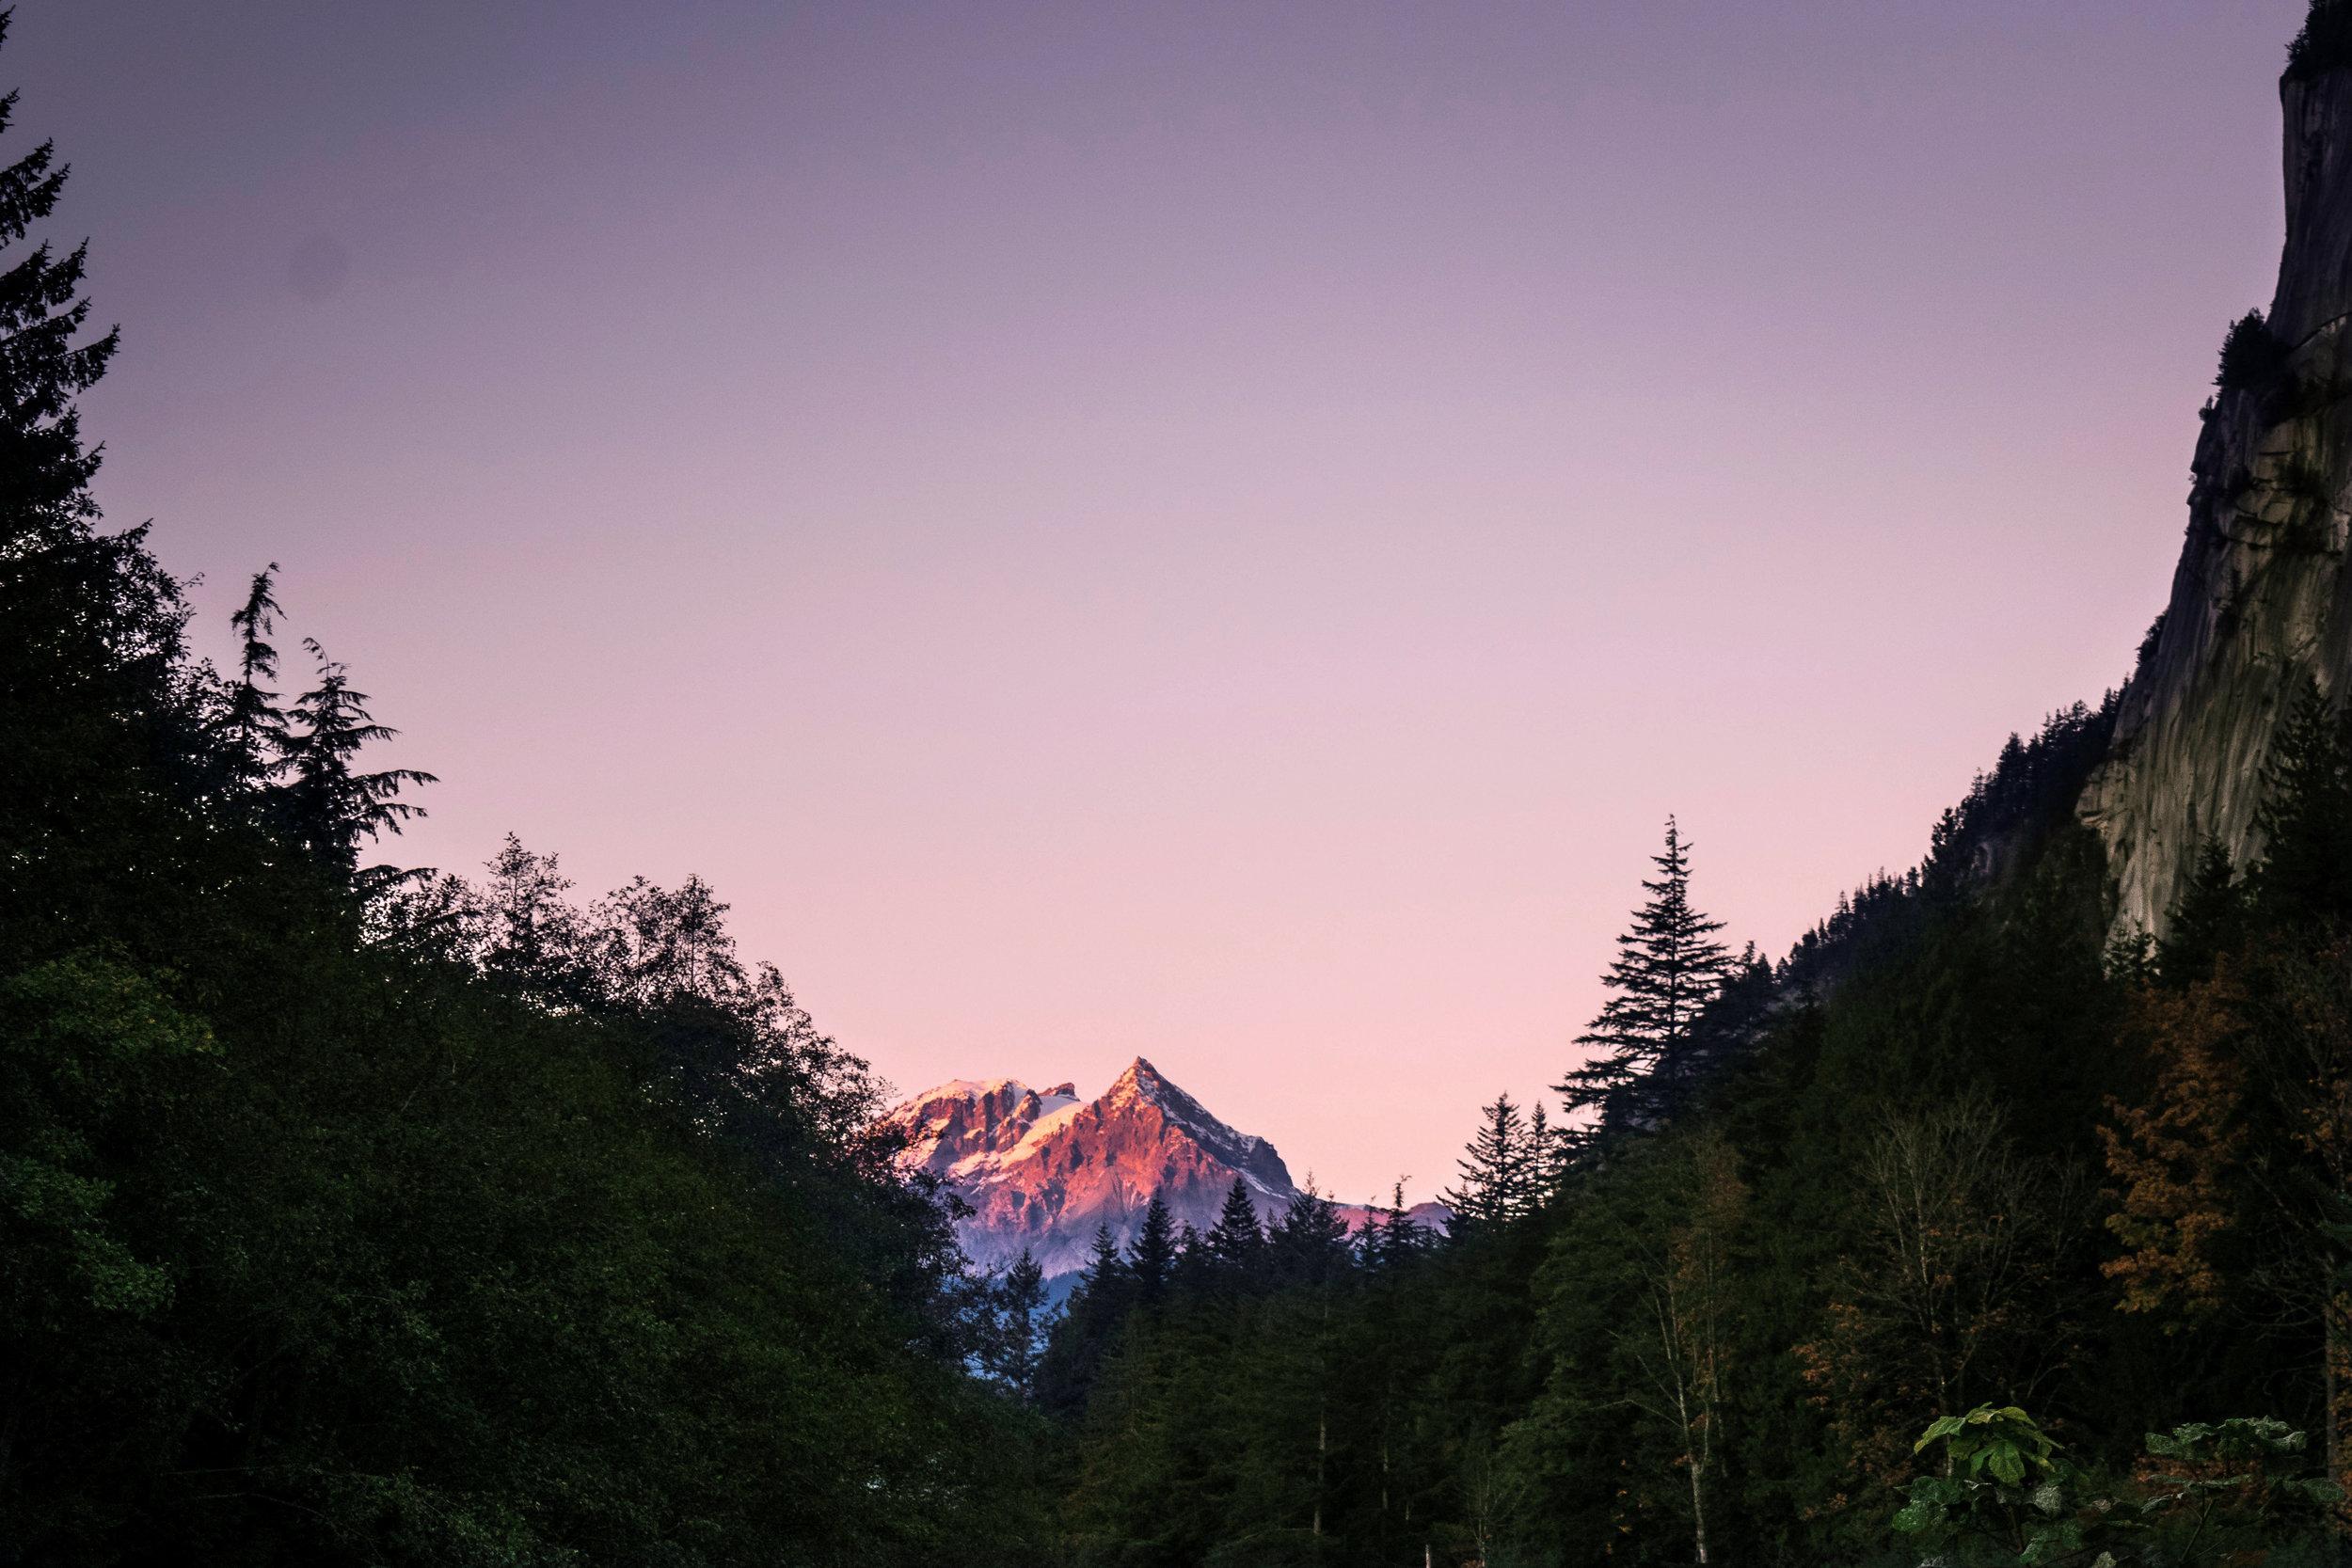 garibaldi_and_atwell_at_sunset.jpg